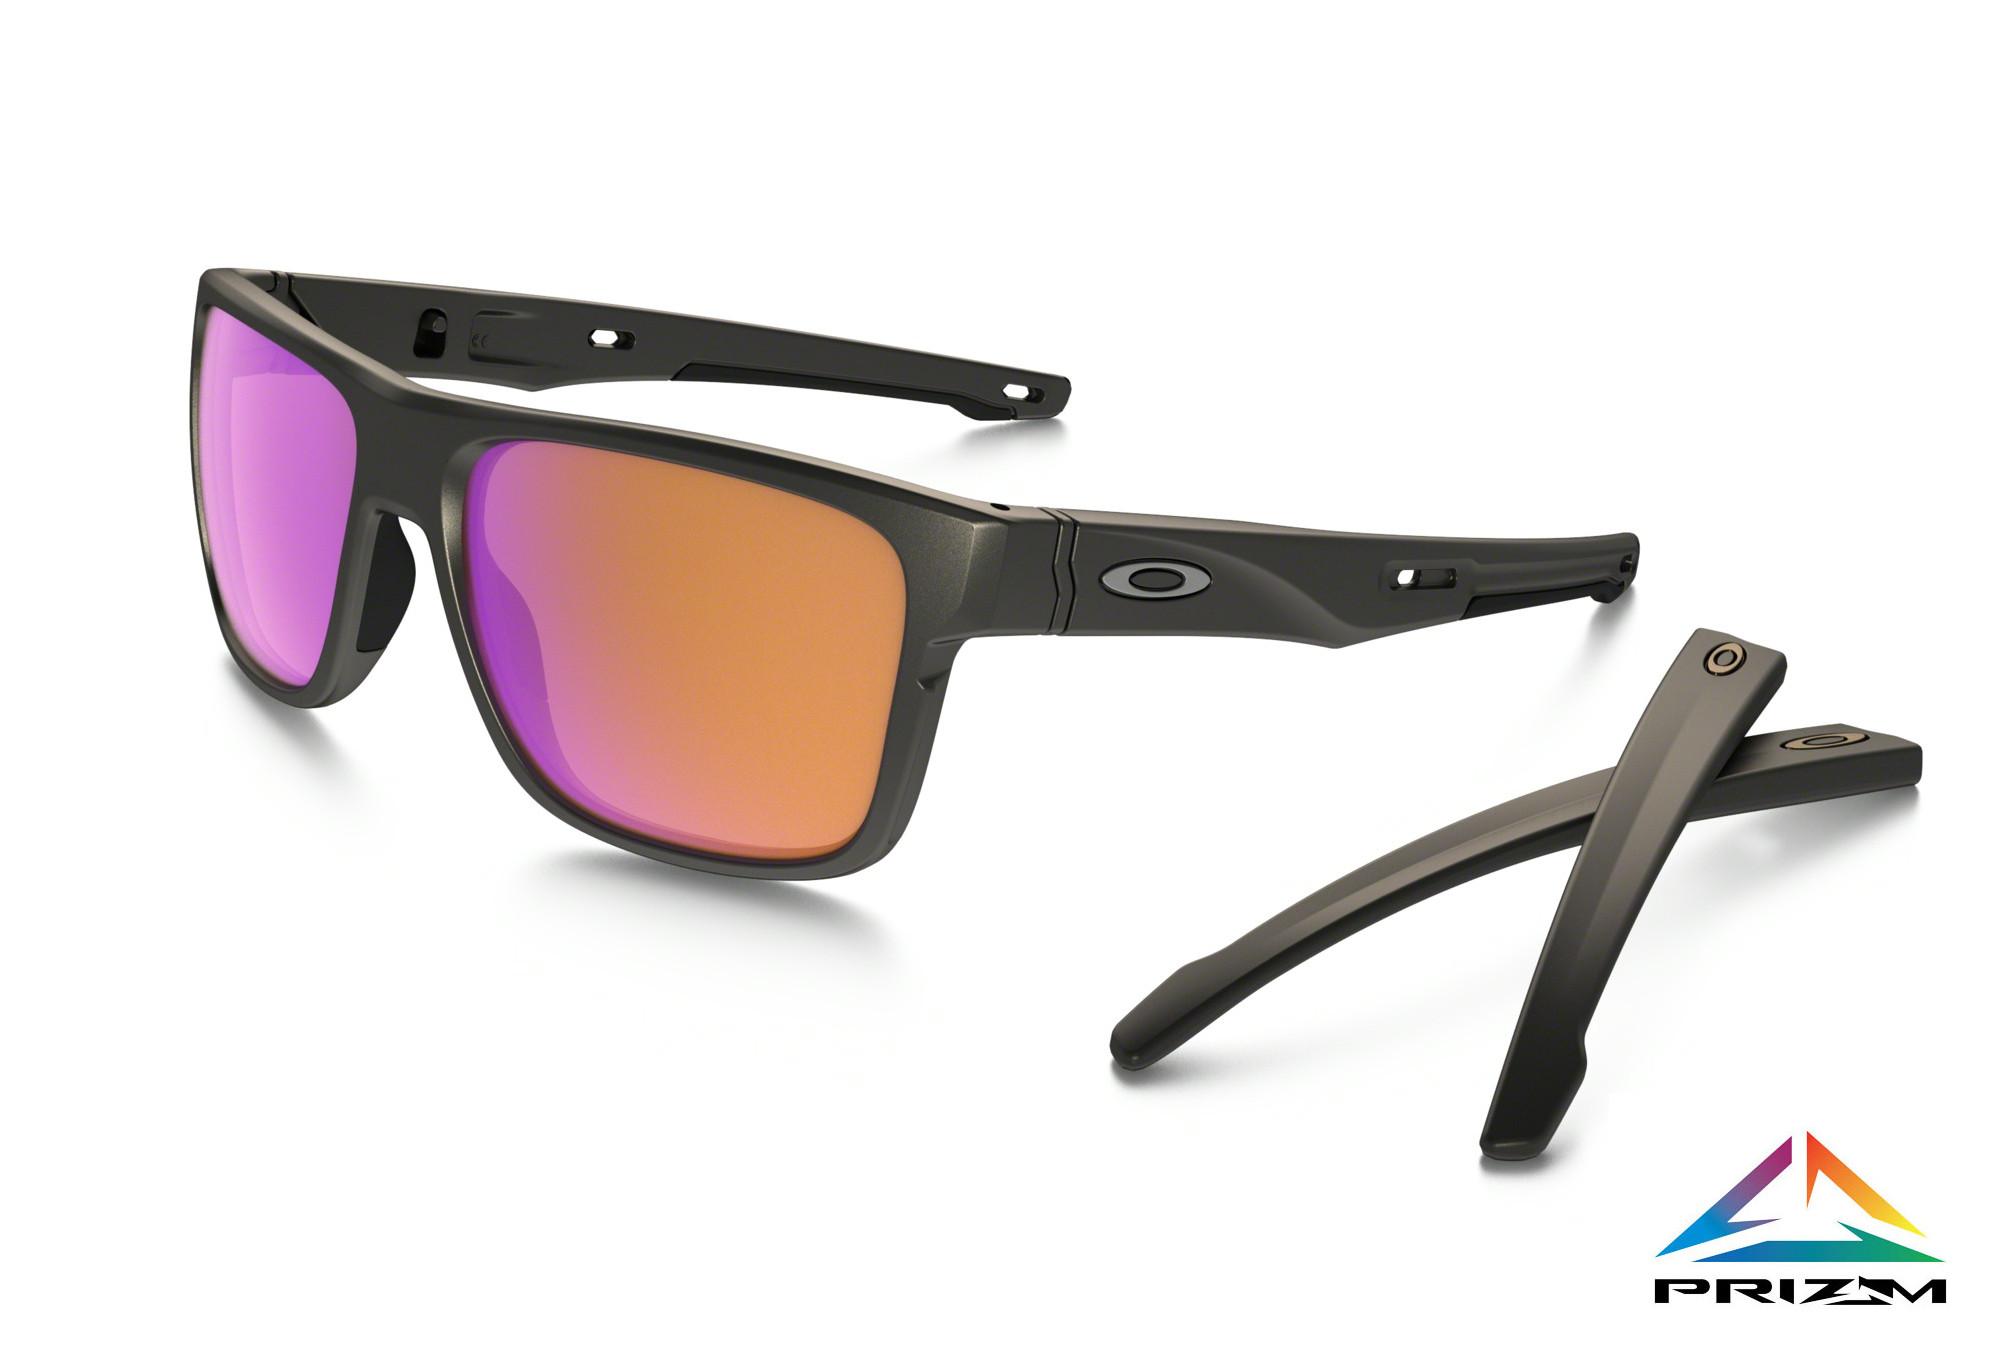 c5f31e4ca7 OAKLEY Sunglasses Crossrange Carbon Prizm Trail Ref OO9361-0357 ...